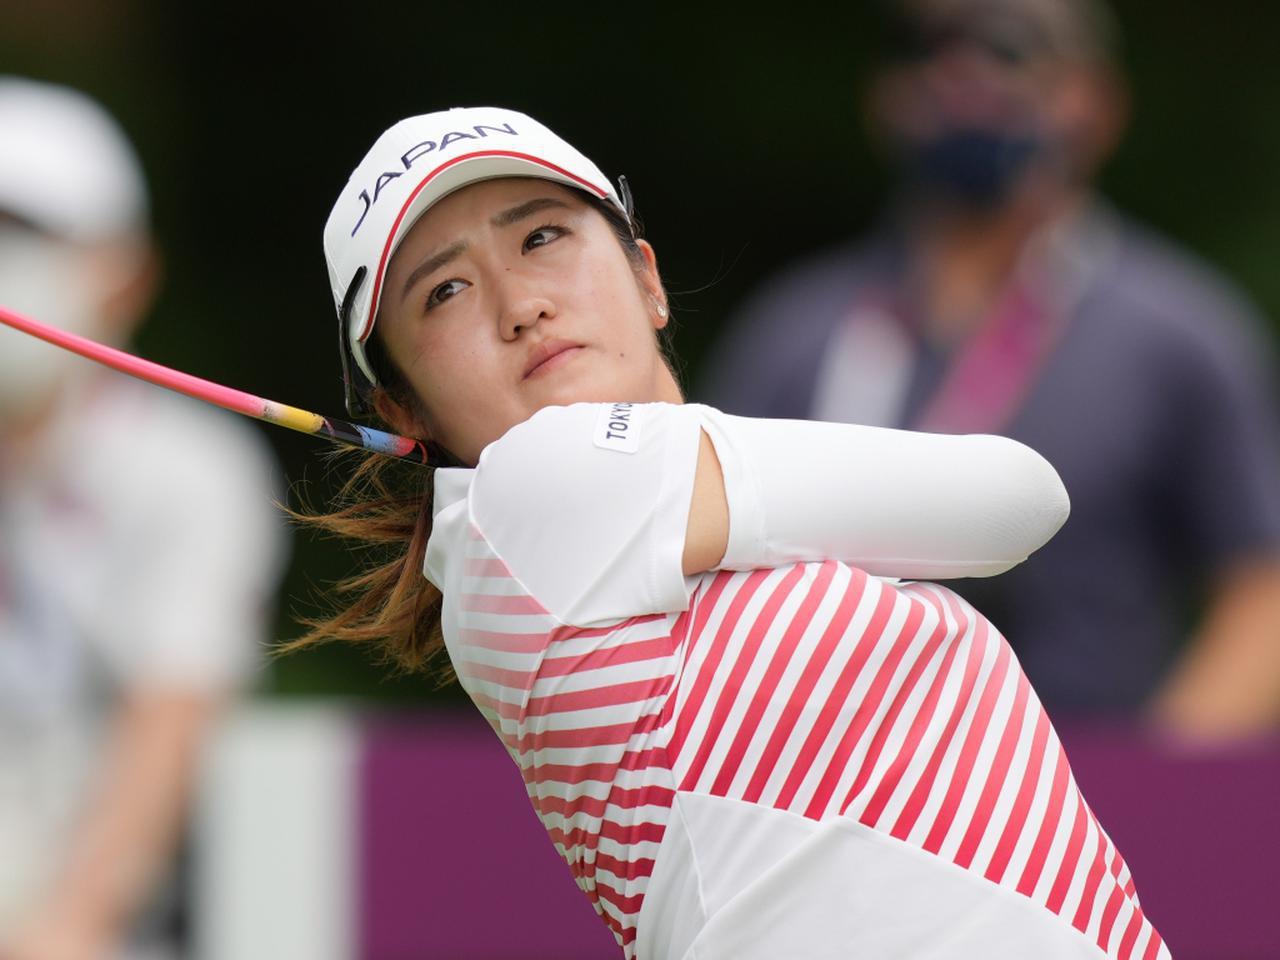 画像: 東京オリンピックで銀メダルを獲得した稲見萌寧(写真は東京オリンピック 撮影/服部謙二郎)